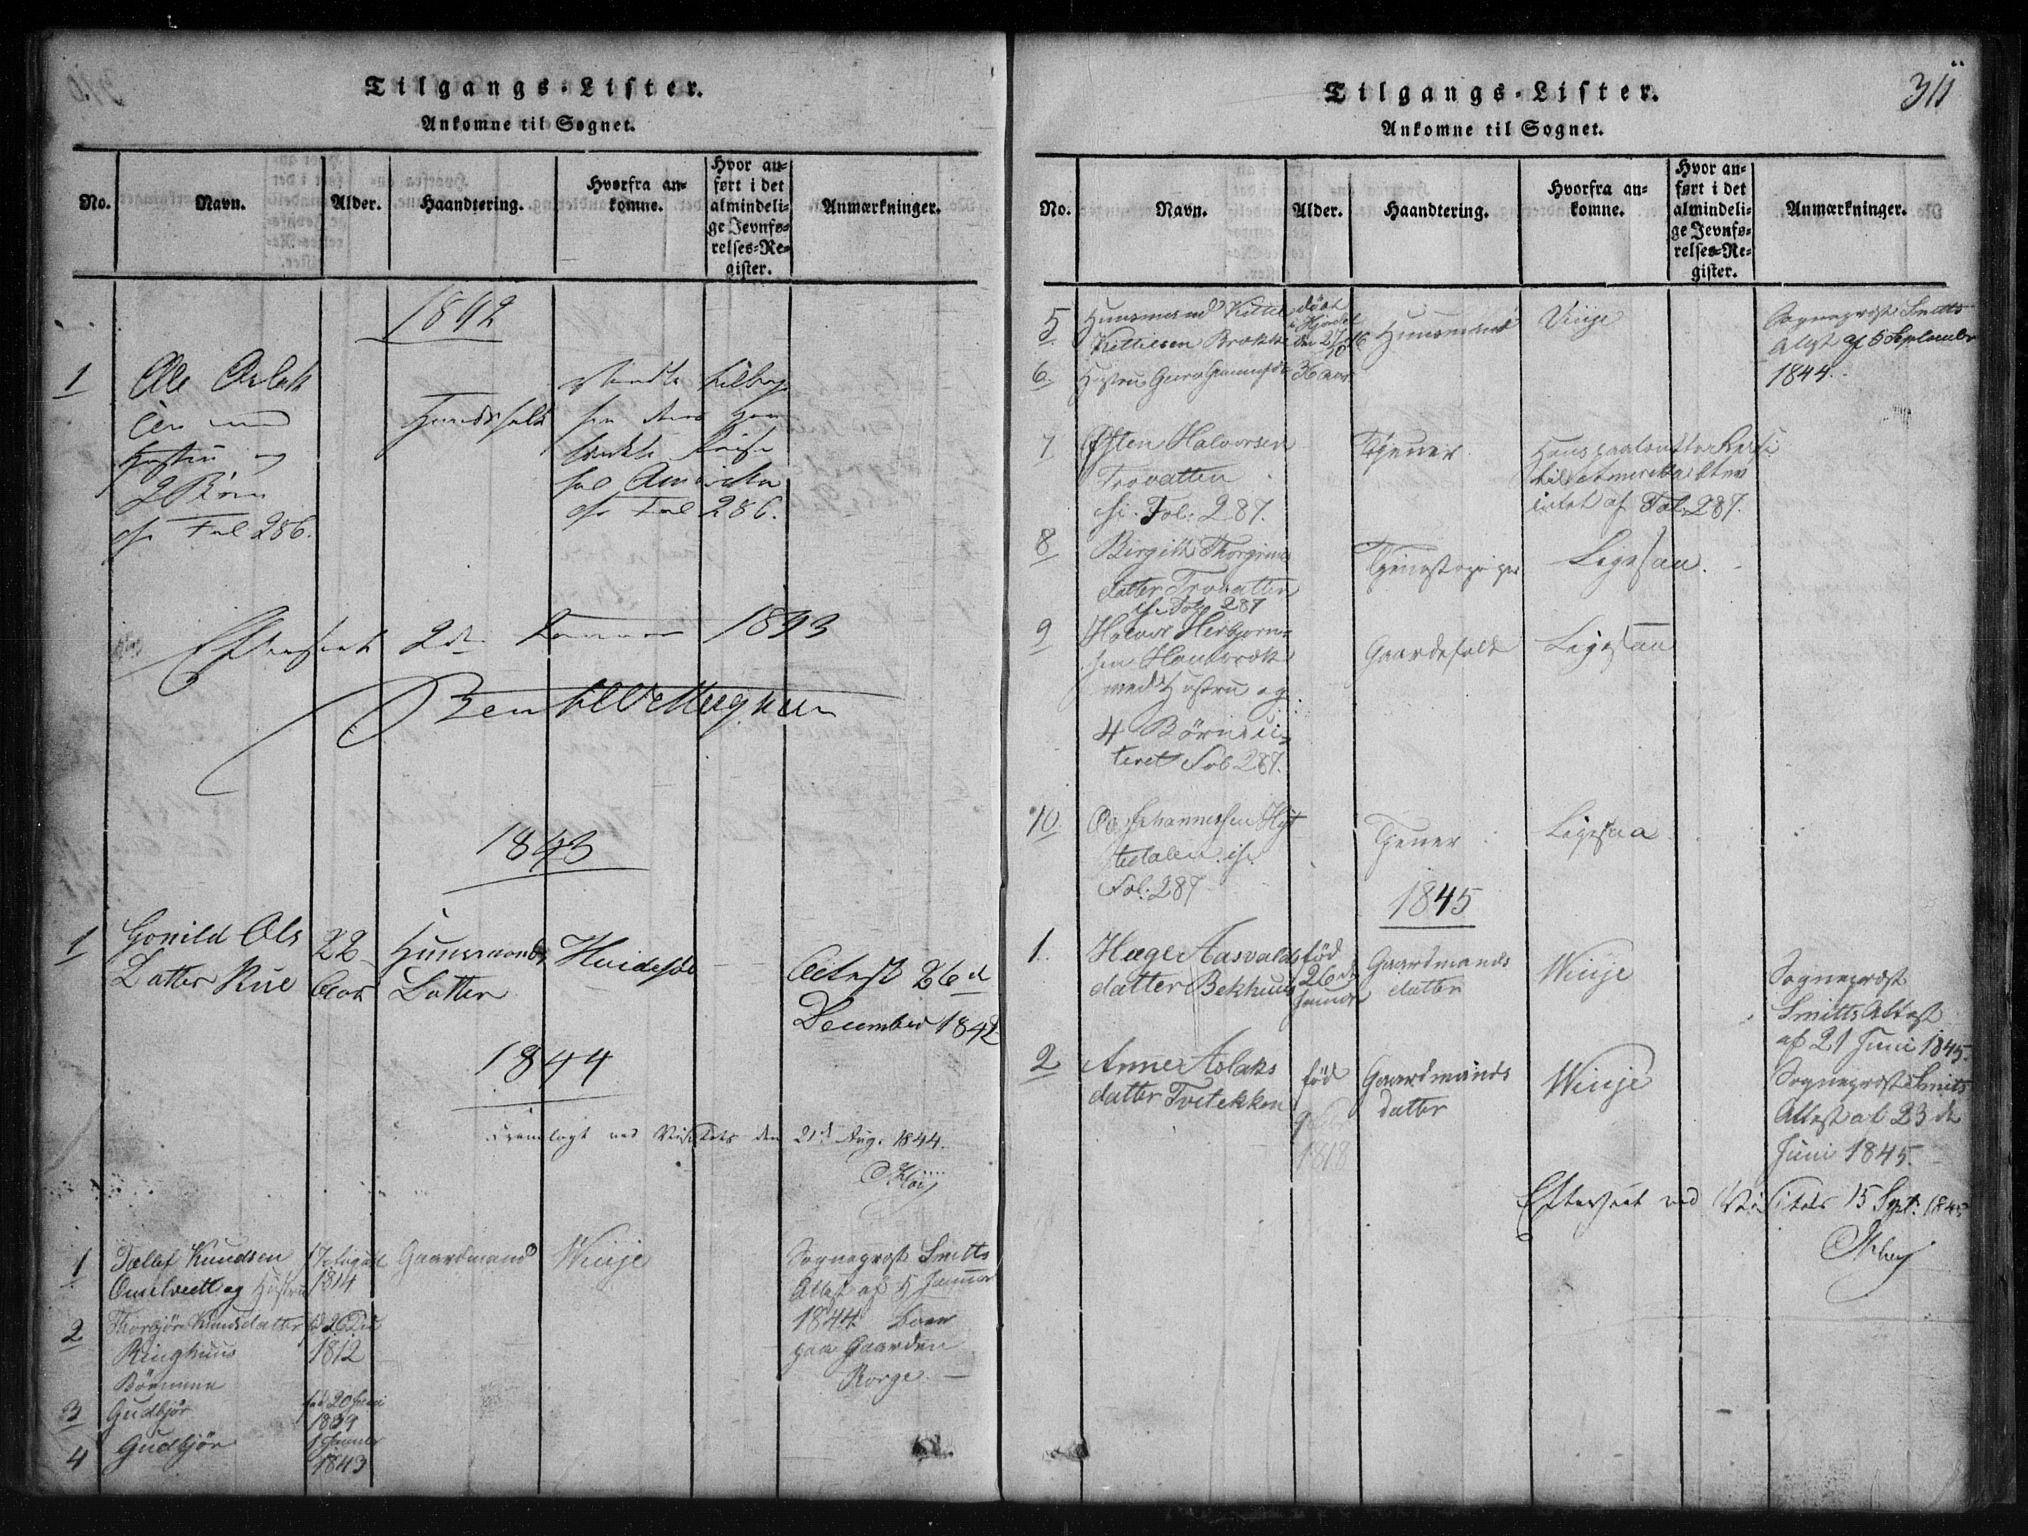 SAKO, Rauland kirkebøker, G/Gb/L0001: Klokkerbok nr. II 1, 1815-1886, s. 311